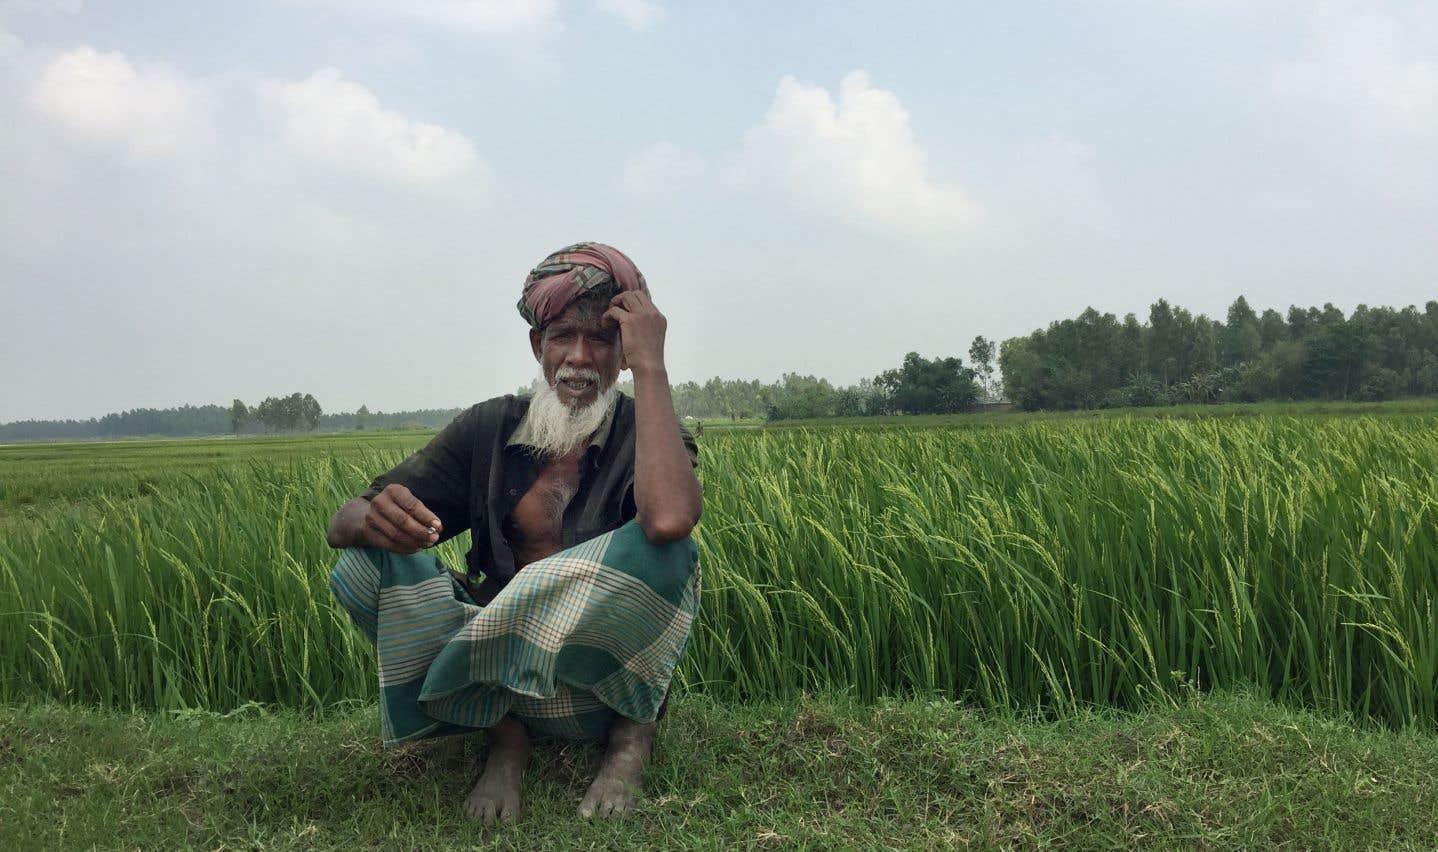 L'eau saline gagne sans cesse du terrain, transformant la flore et bouleversant la vie des habitants autant que celle des petits agriculteurs.